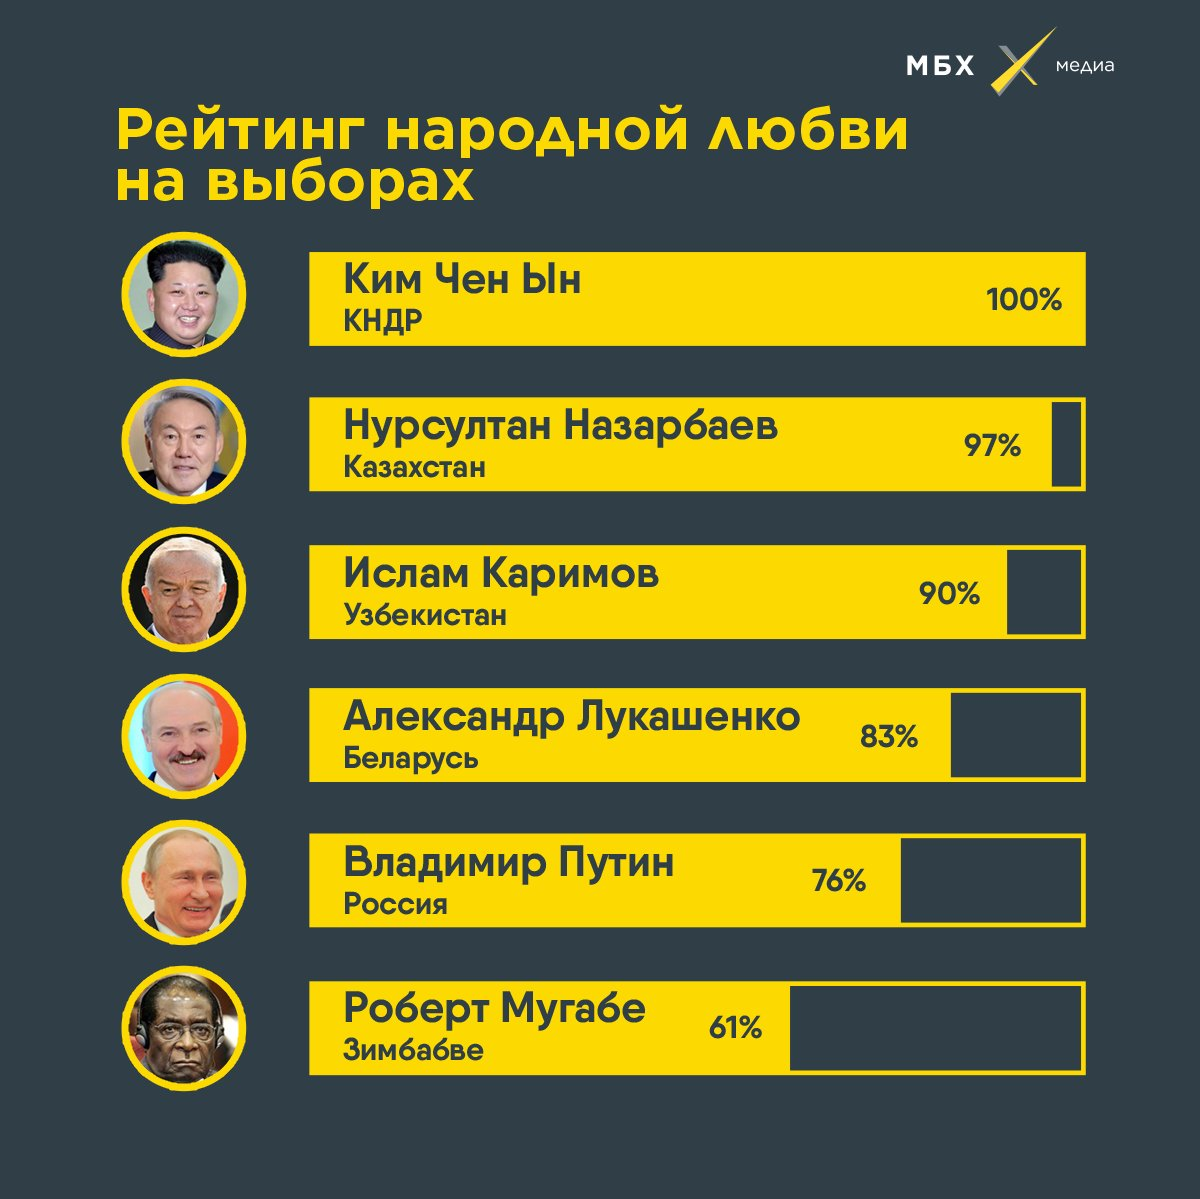 Хоть Путин и установил рекорд по проценту голосов избирателей, ему еще есть куда стремиться. Больше диктатуры — в нашем новом телеграм-канале «МожетБытьХватит». Подписывайтесь! https://t.co/zfRHSsAdIF